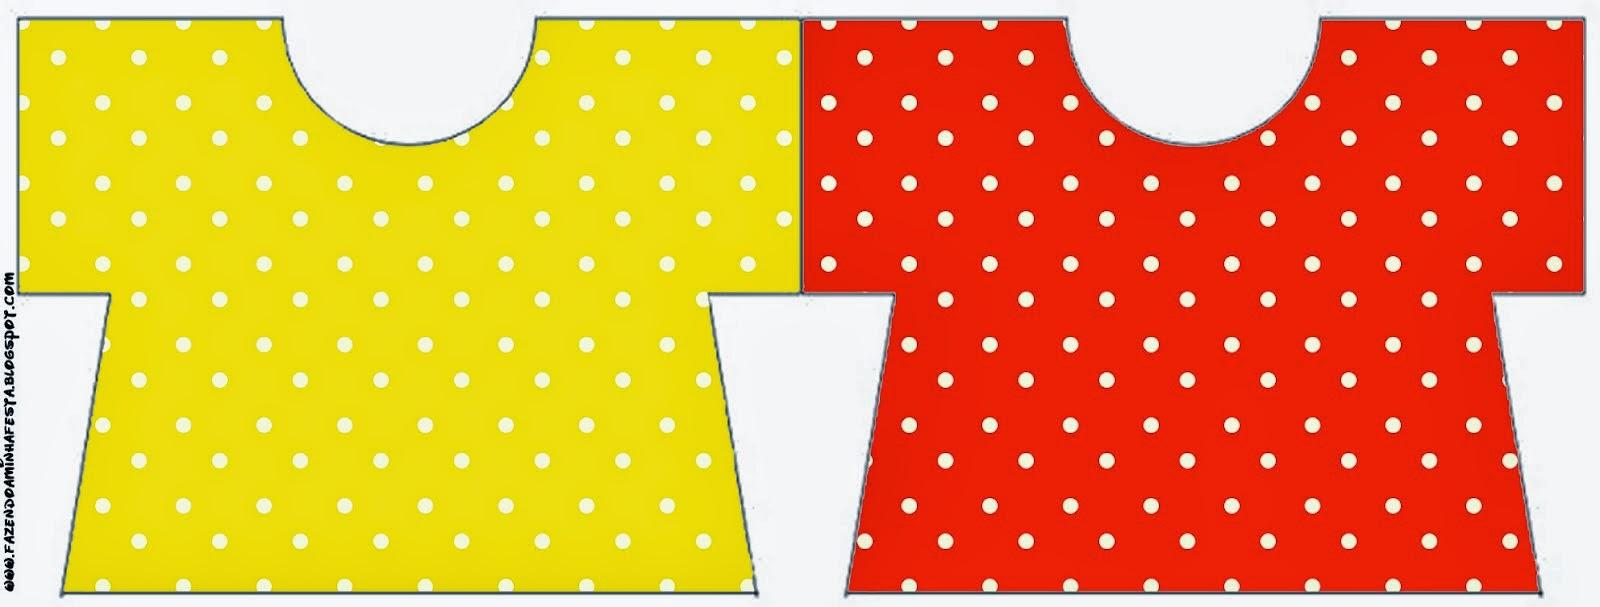 Tarjeta con forma Camiseta de Rojo, Amarillo y Lunares Blancos.